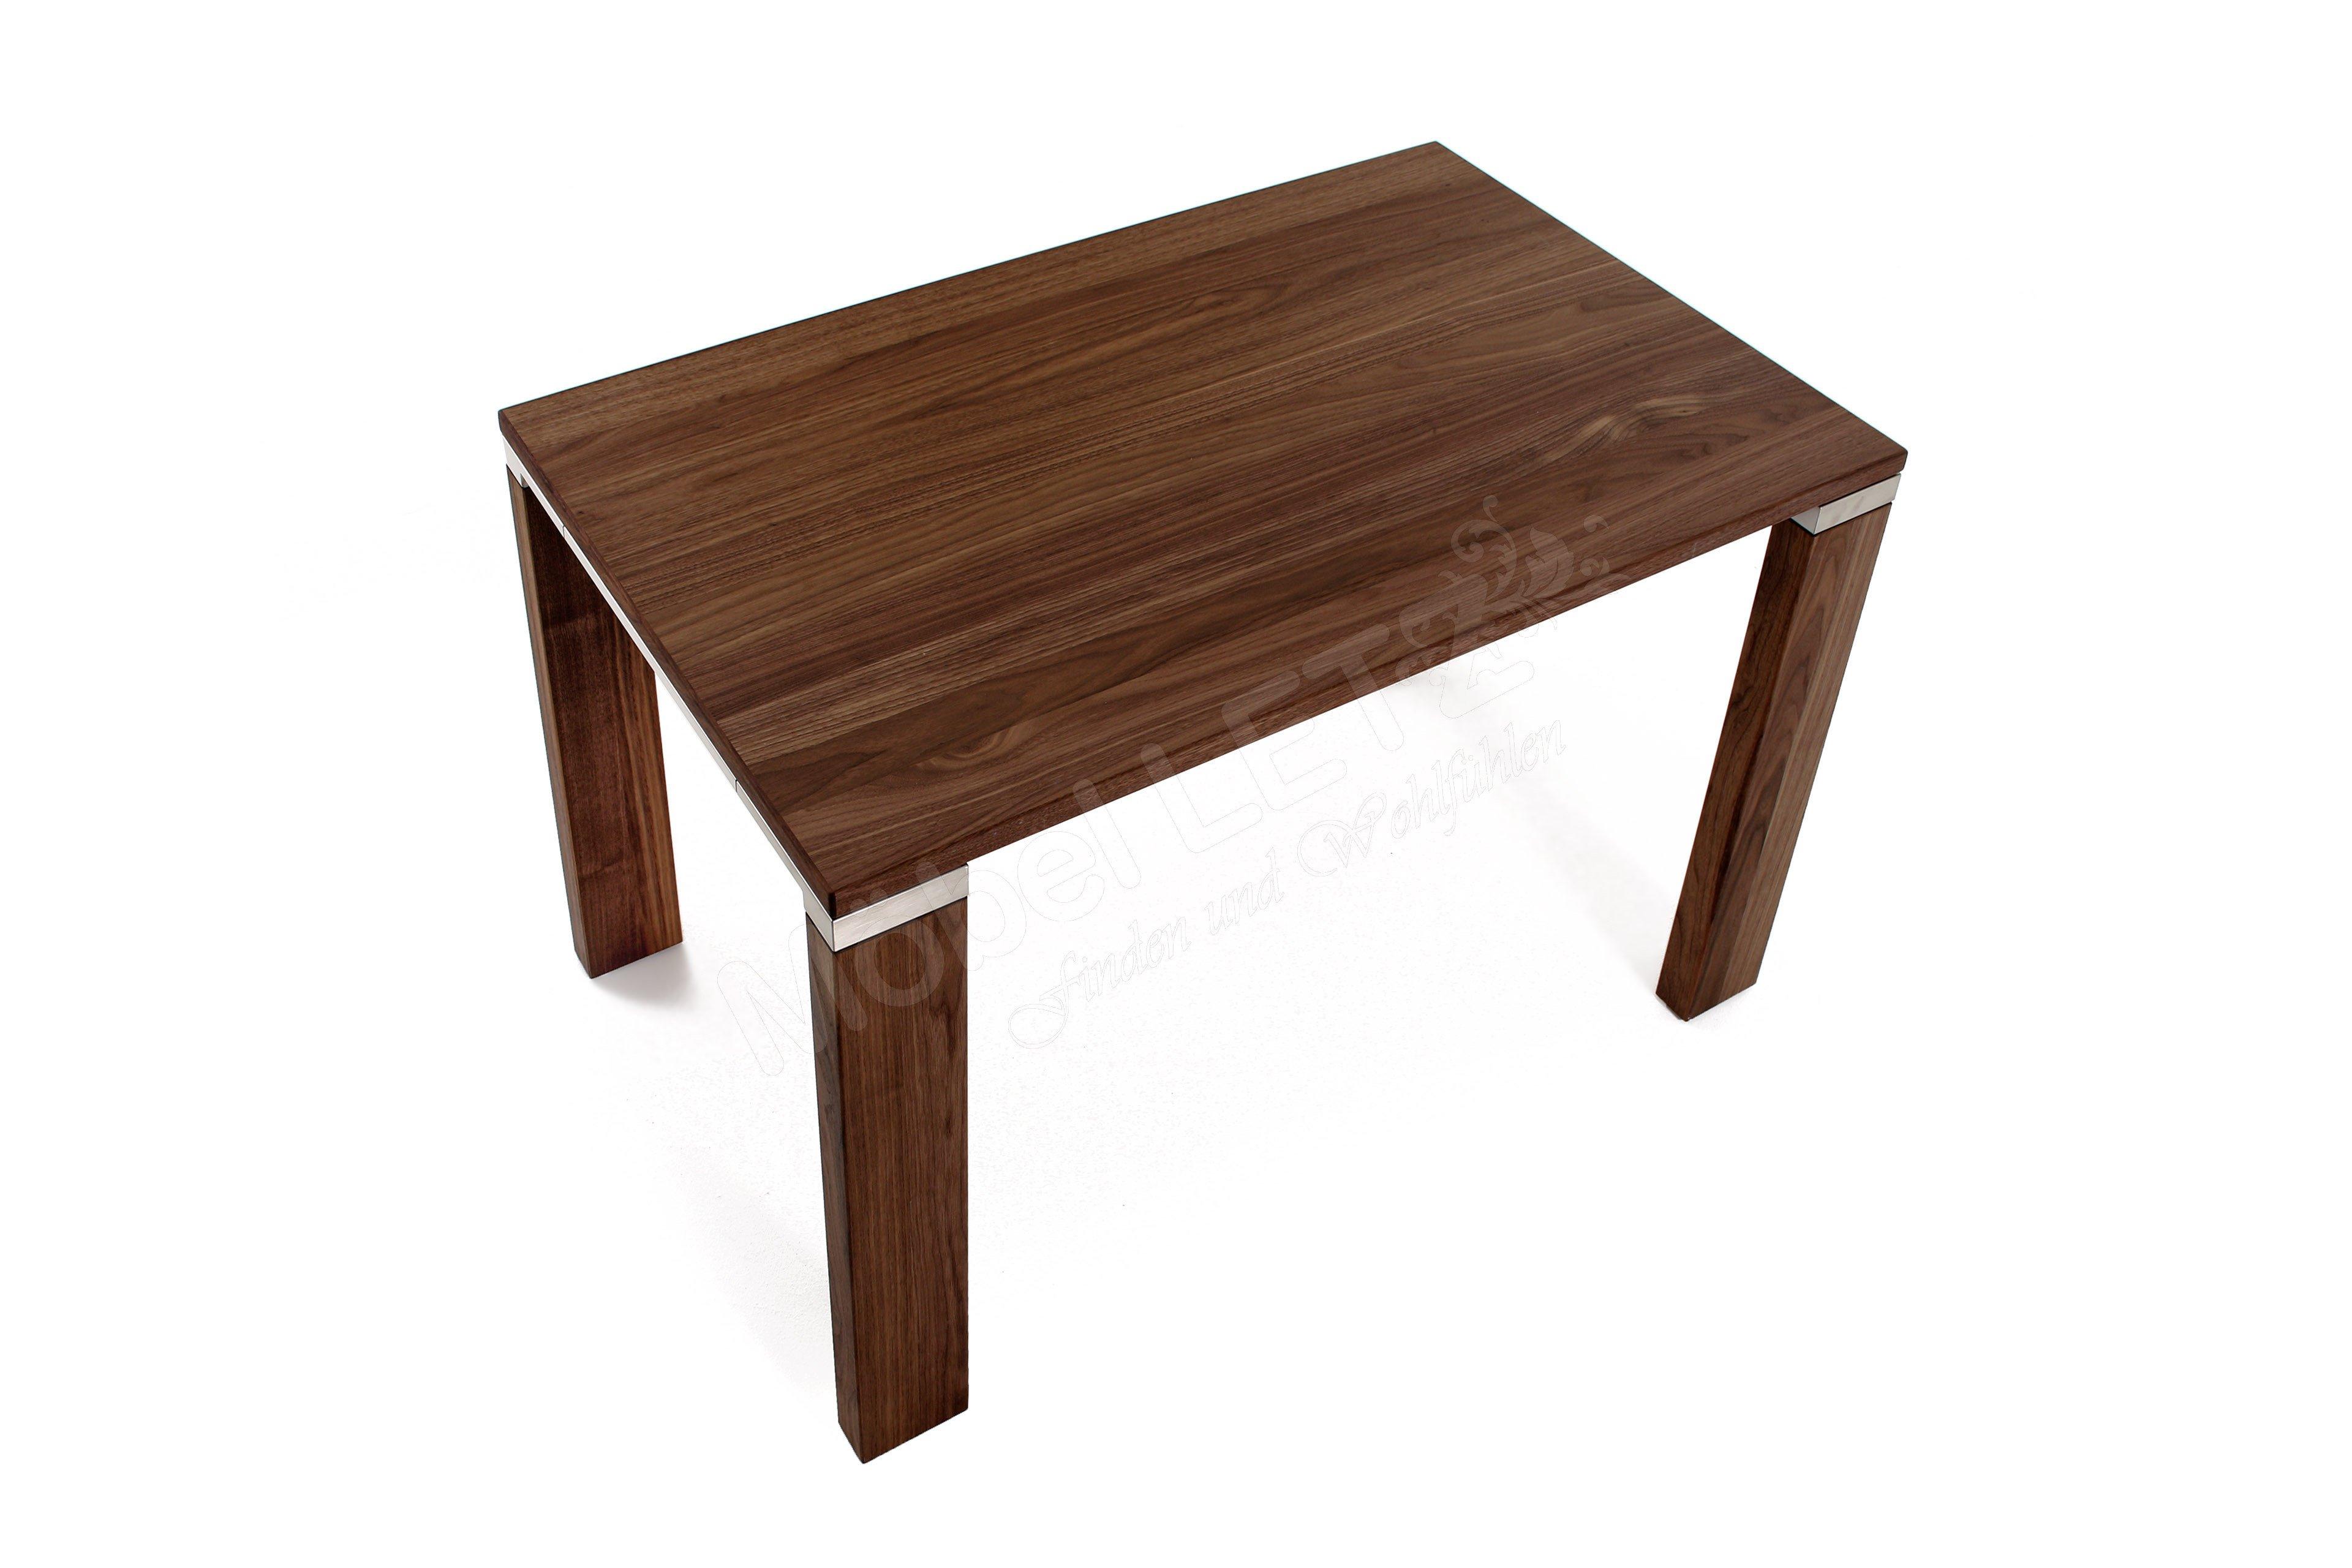 98 venjakob esstisch venjakob esstisch glas optiwhite das beste aus venjakob esstisch rund. Black Bedroom Furniture Sets. Home Design Ideas